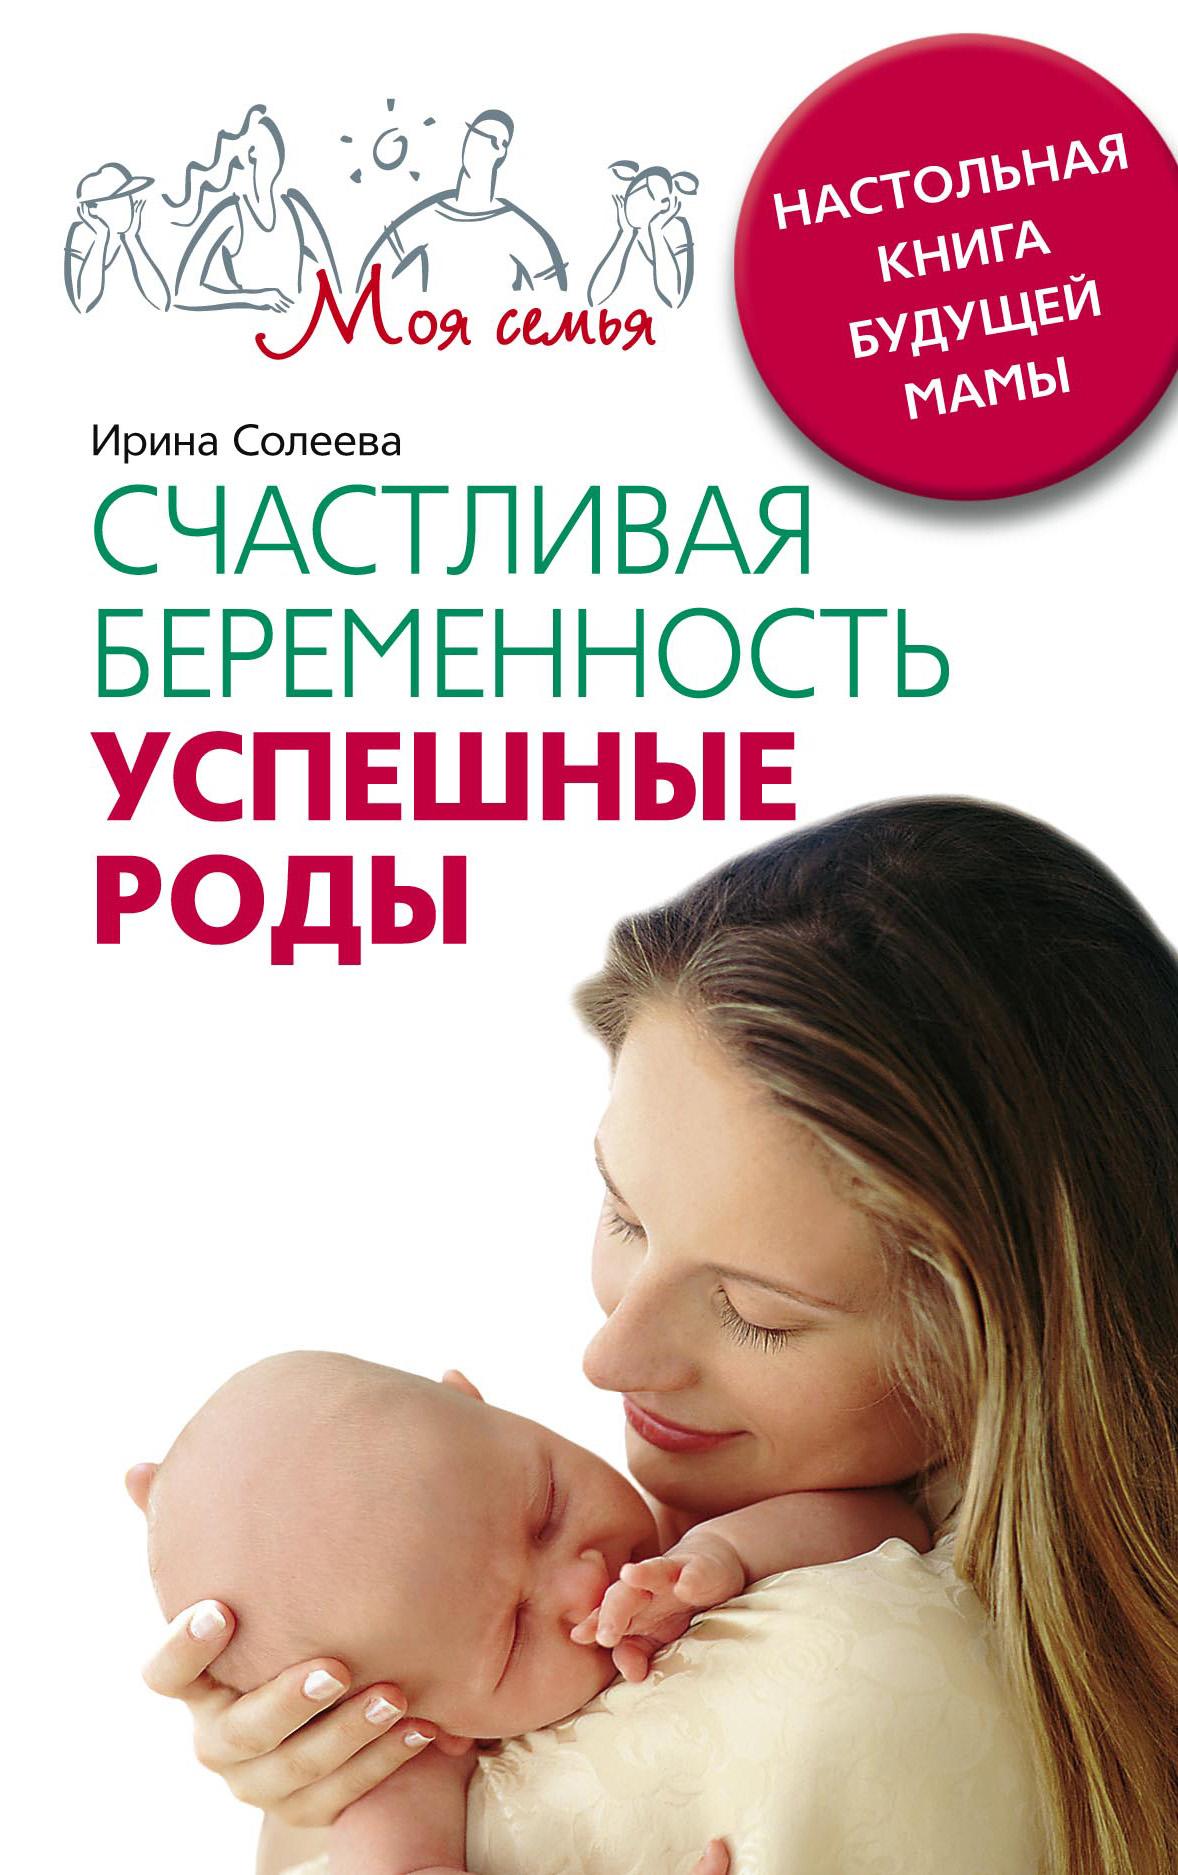 Ирина Александровна Солеева Счастливая беременность. Успешные роды. Настольная книга будущей мамы